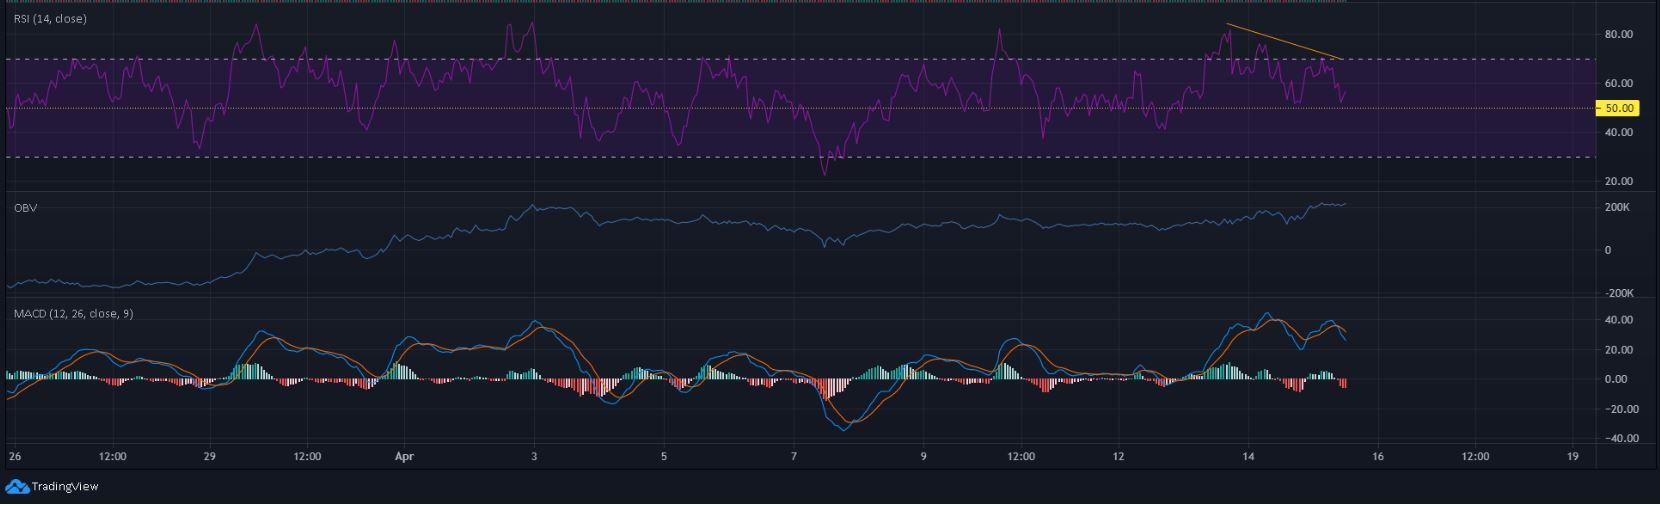 Ethereum Fiyat Analizi: 15 Nisan